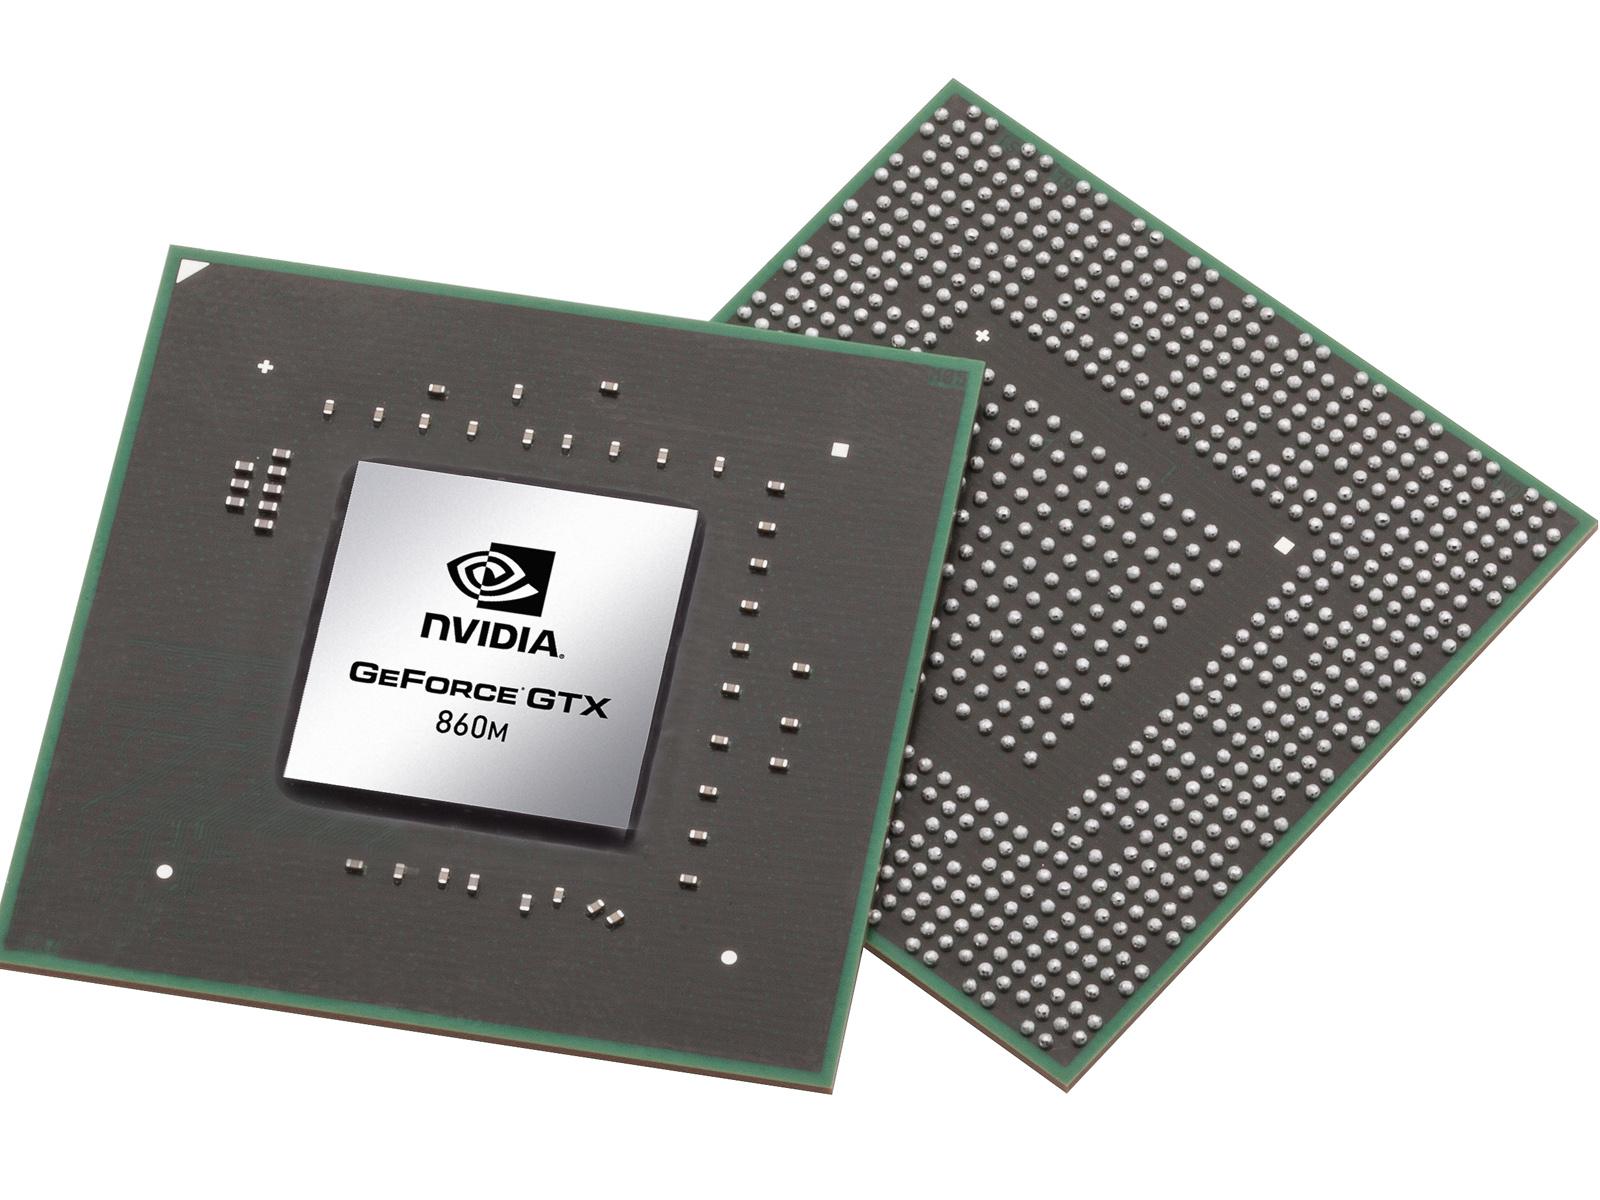 NVIDIA 即將發表 GeForce GTX 900 系列,規格前瞻預覽